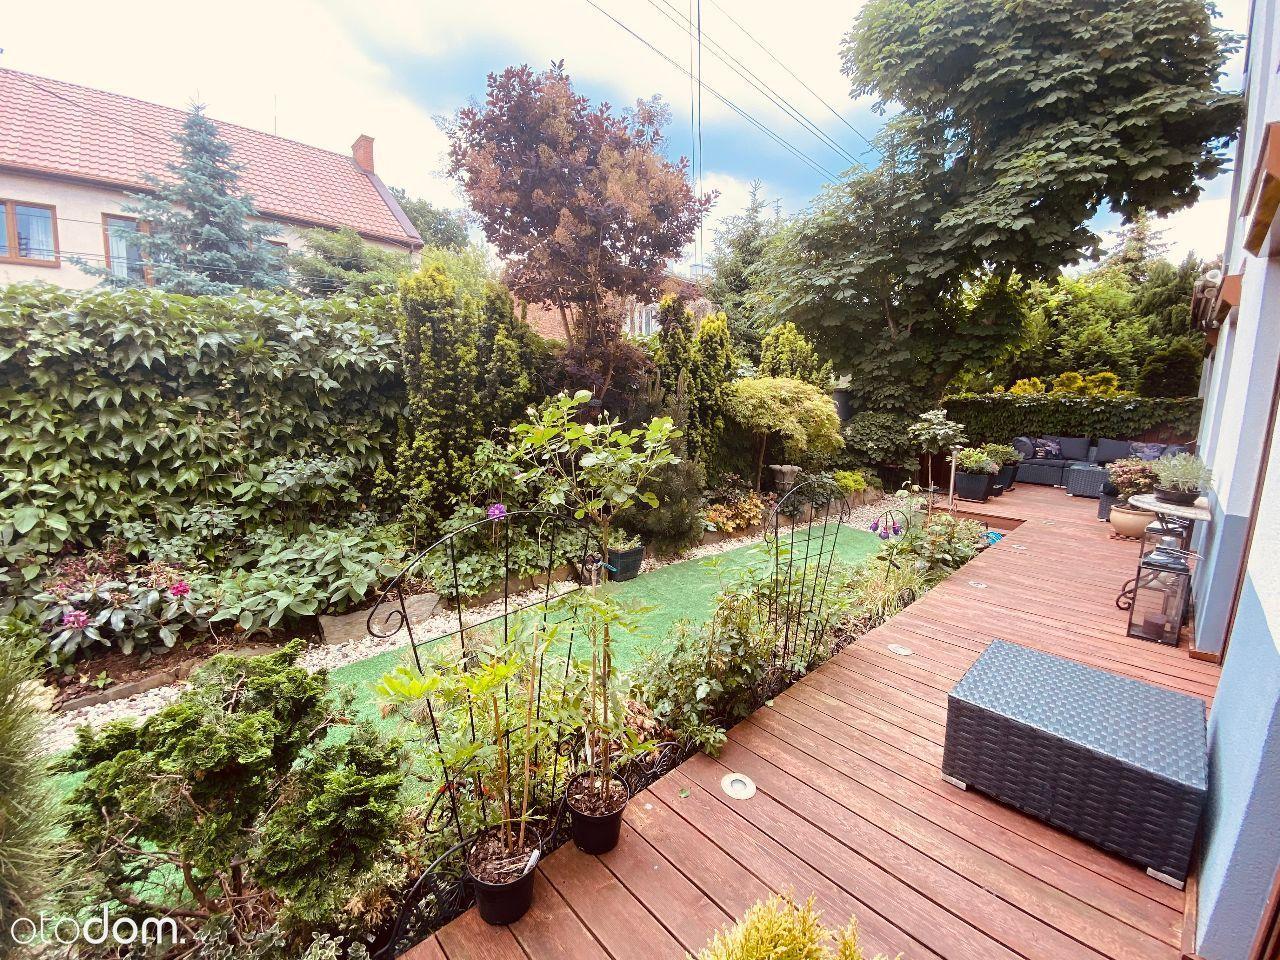 bezpośrednio/nowe włochy/apartament z ogrodem